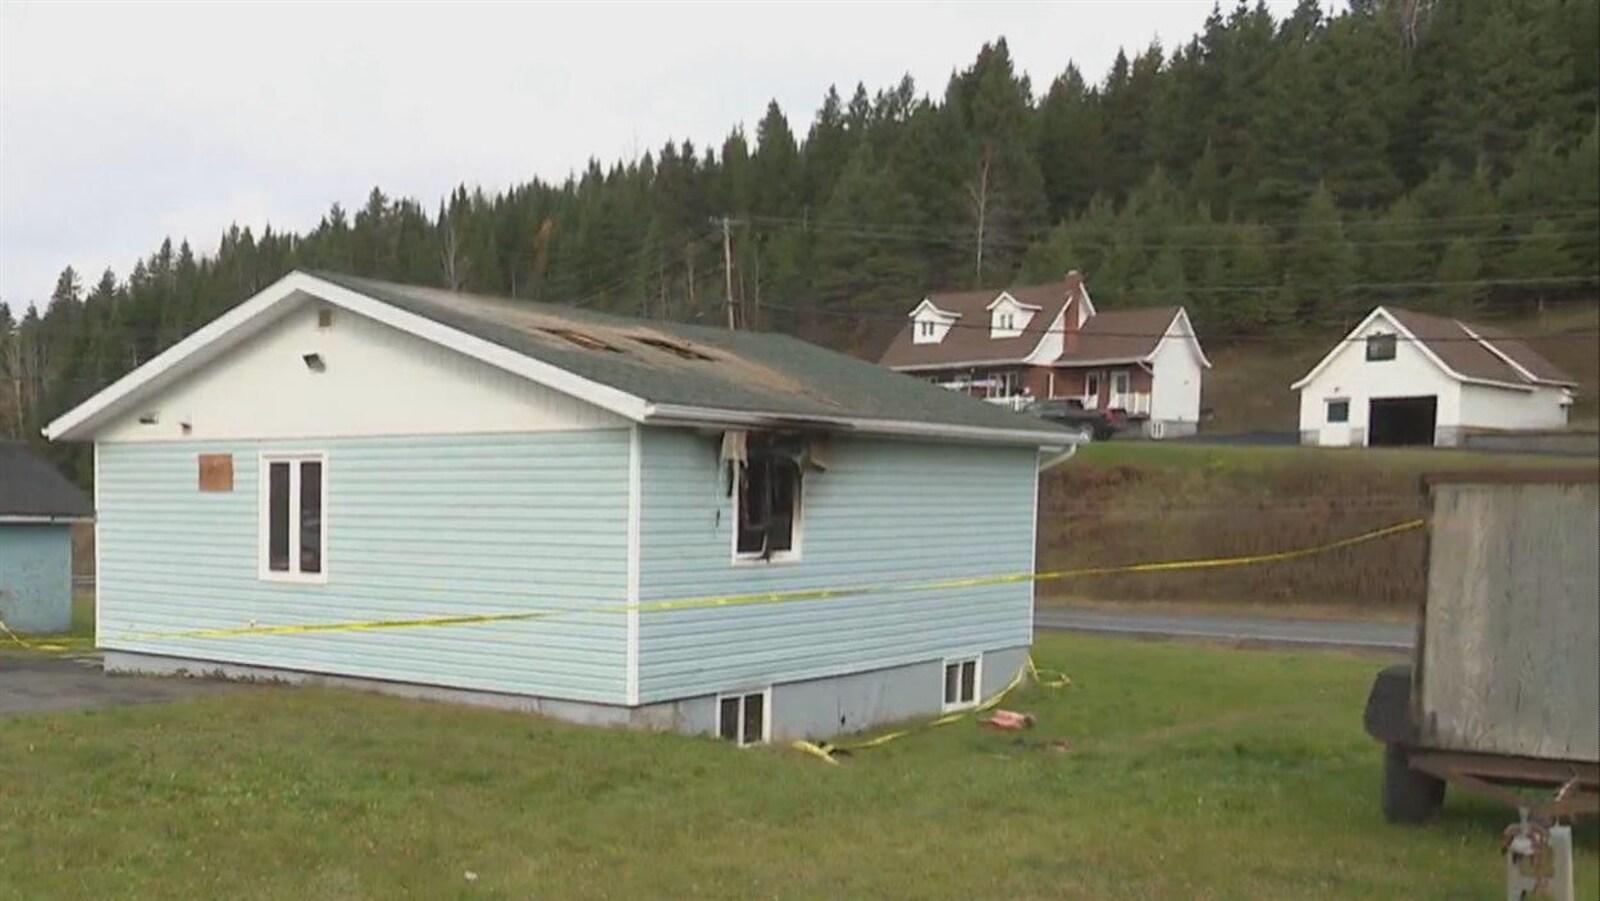 La petite maison en milieu rural porte les marques d'un incendie